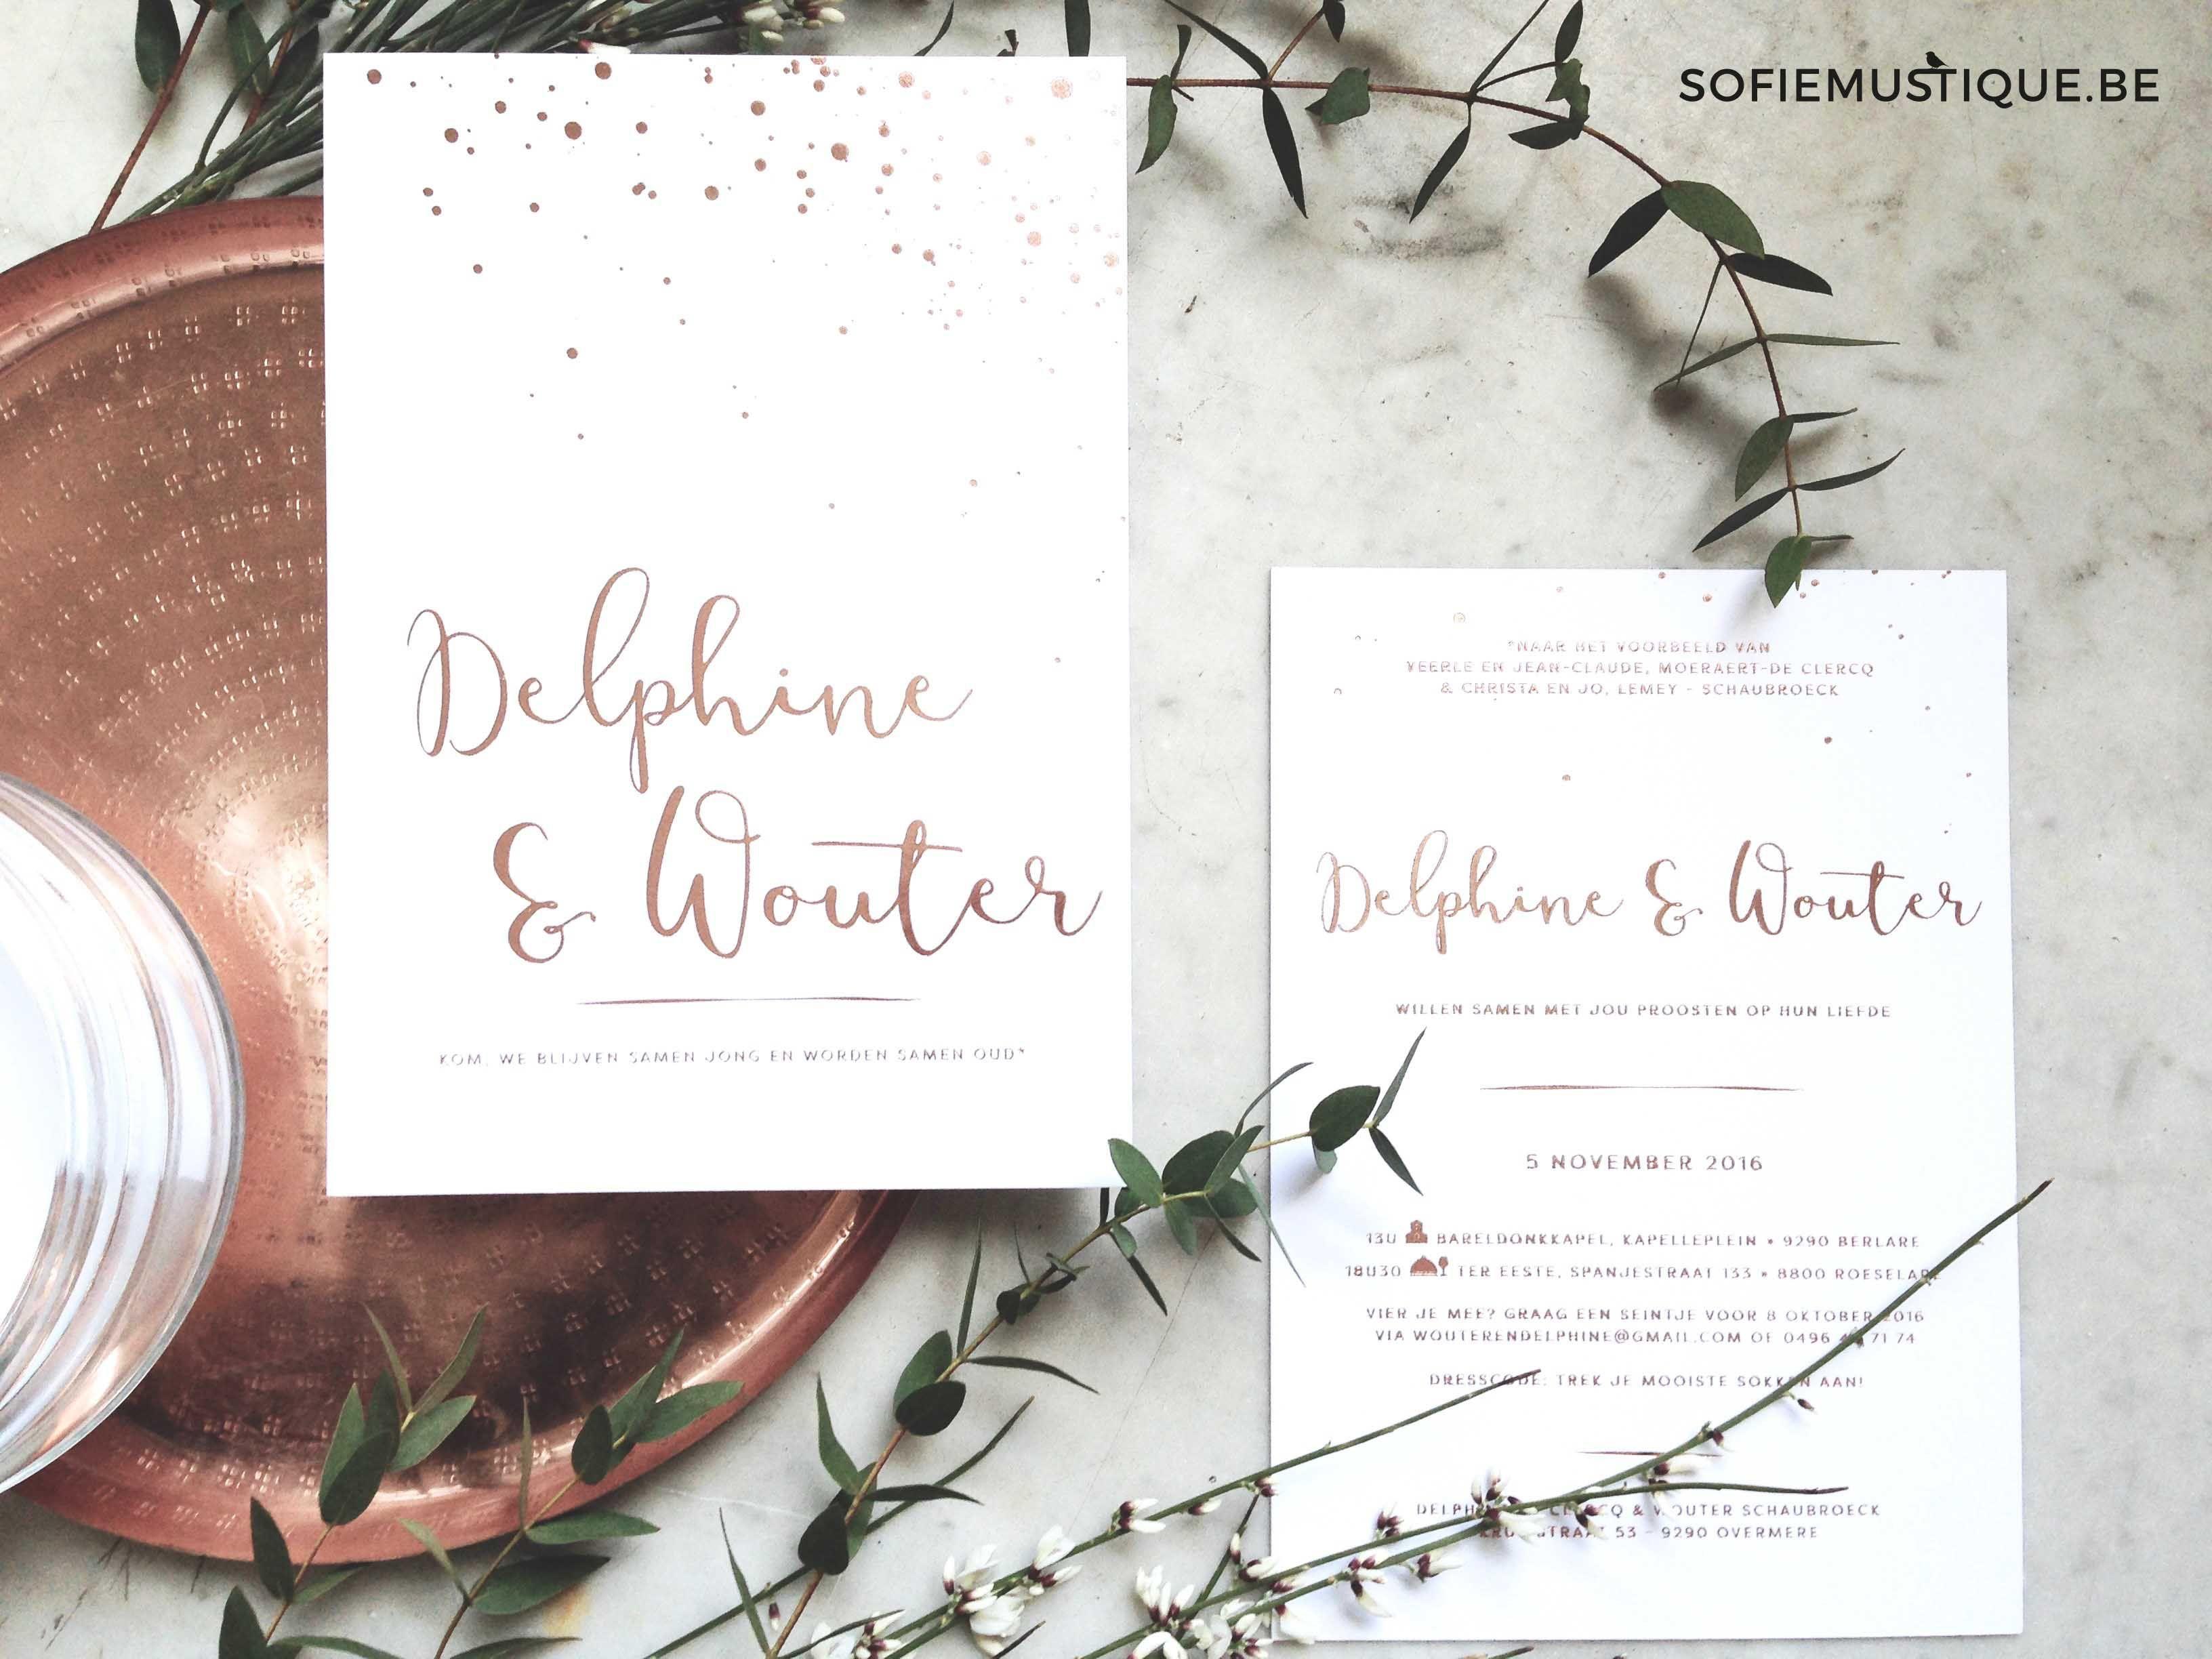 Huwelijksuitnodiging Delphine Wouter Huwelijk